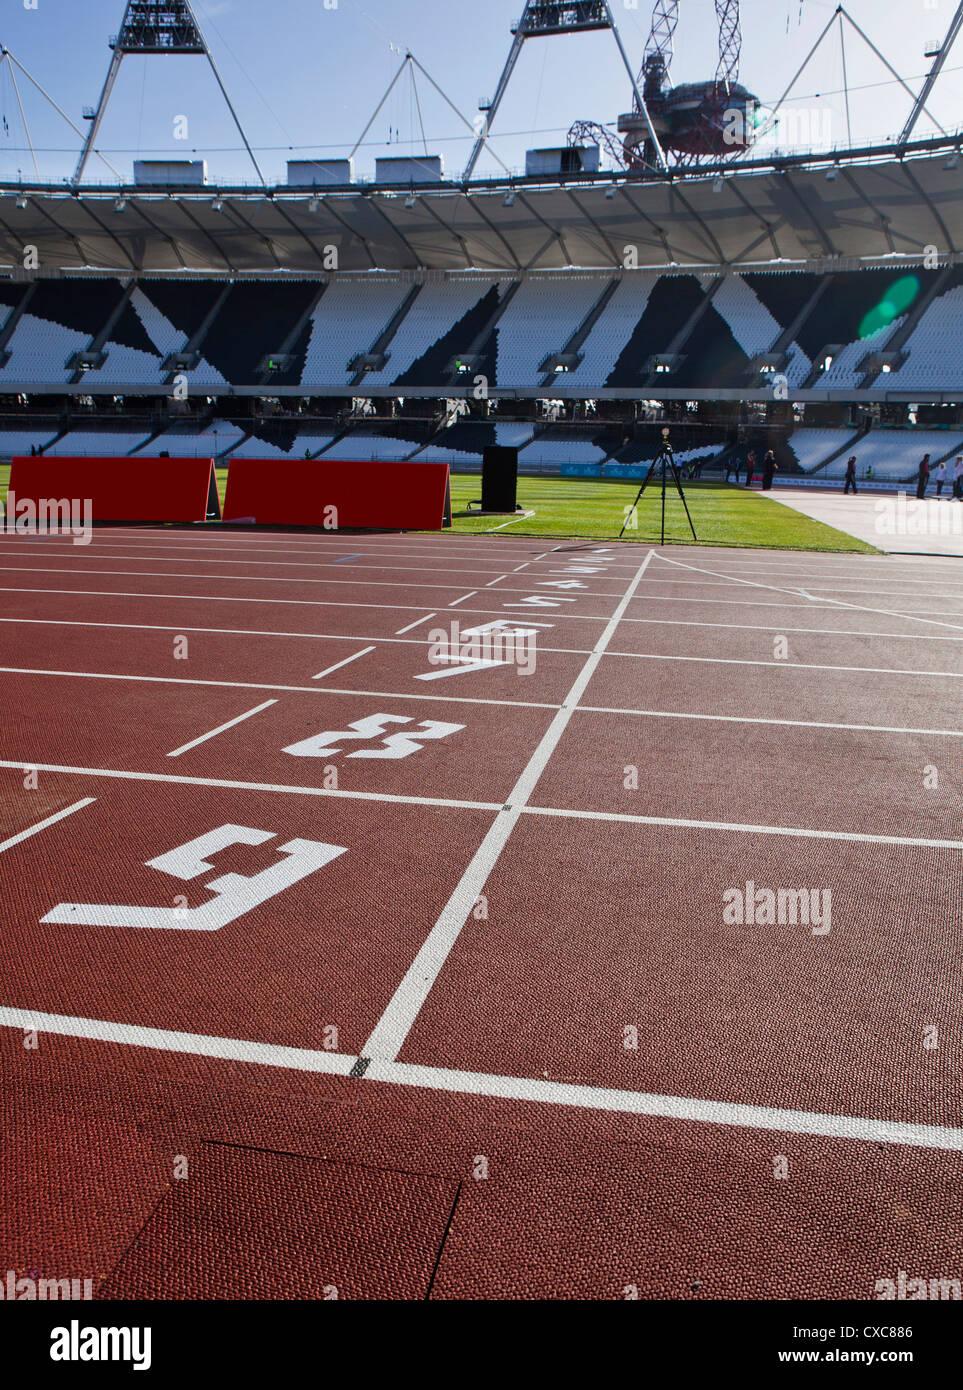 La linea di finitura della pista atletica dentro lo Stadio Olimpico, London, England, Regno Unito, Europa Immagini Stock